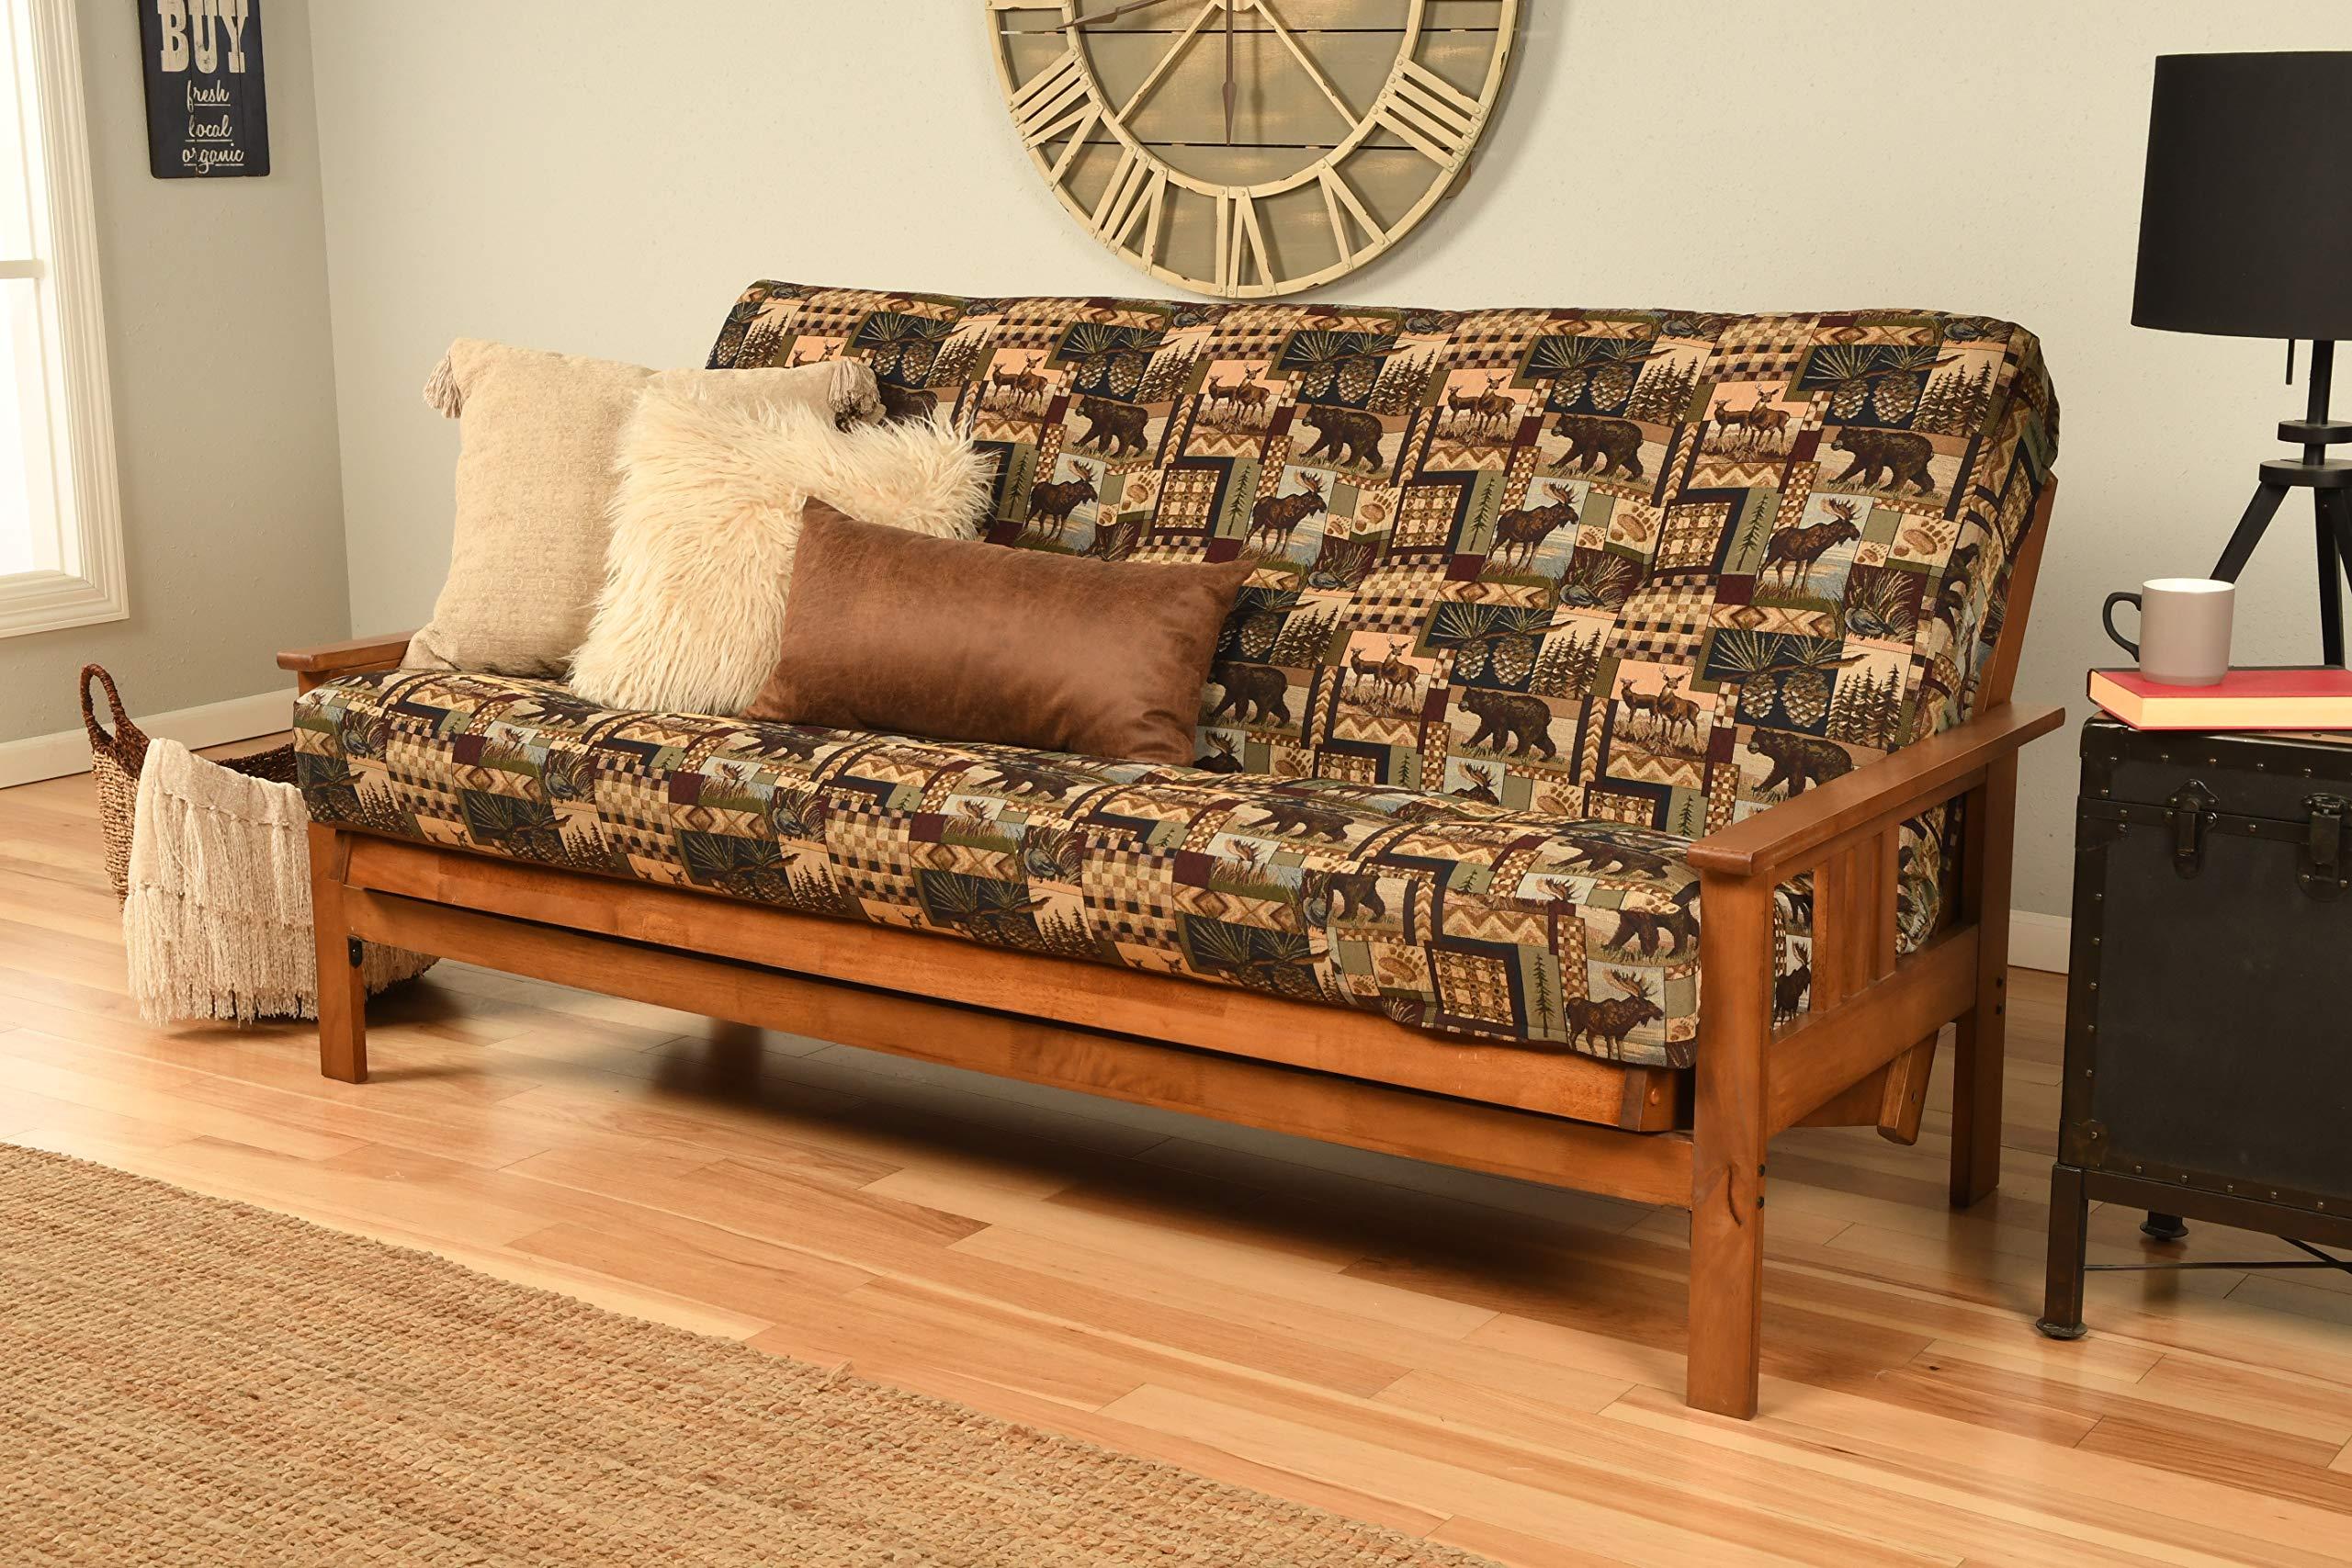 Kodiak Furniture KFMOBBPCABLF5MD3 Monterey Futon Set with Barbados Finish, Full, Peter's Cabin by Kodiak Furniture